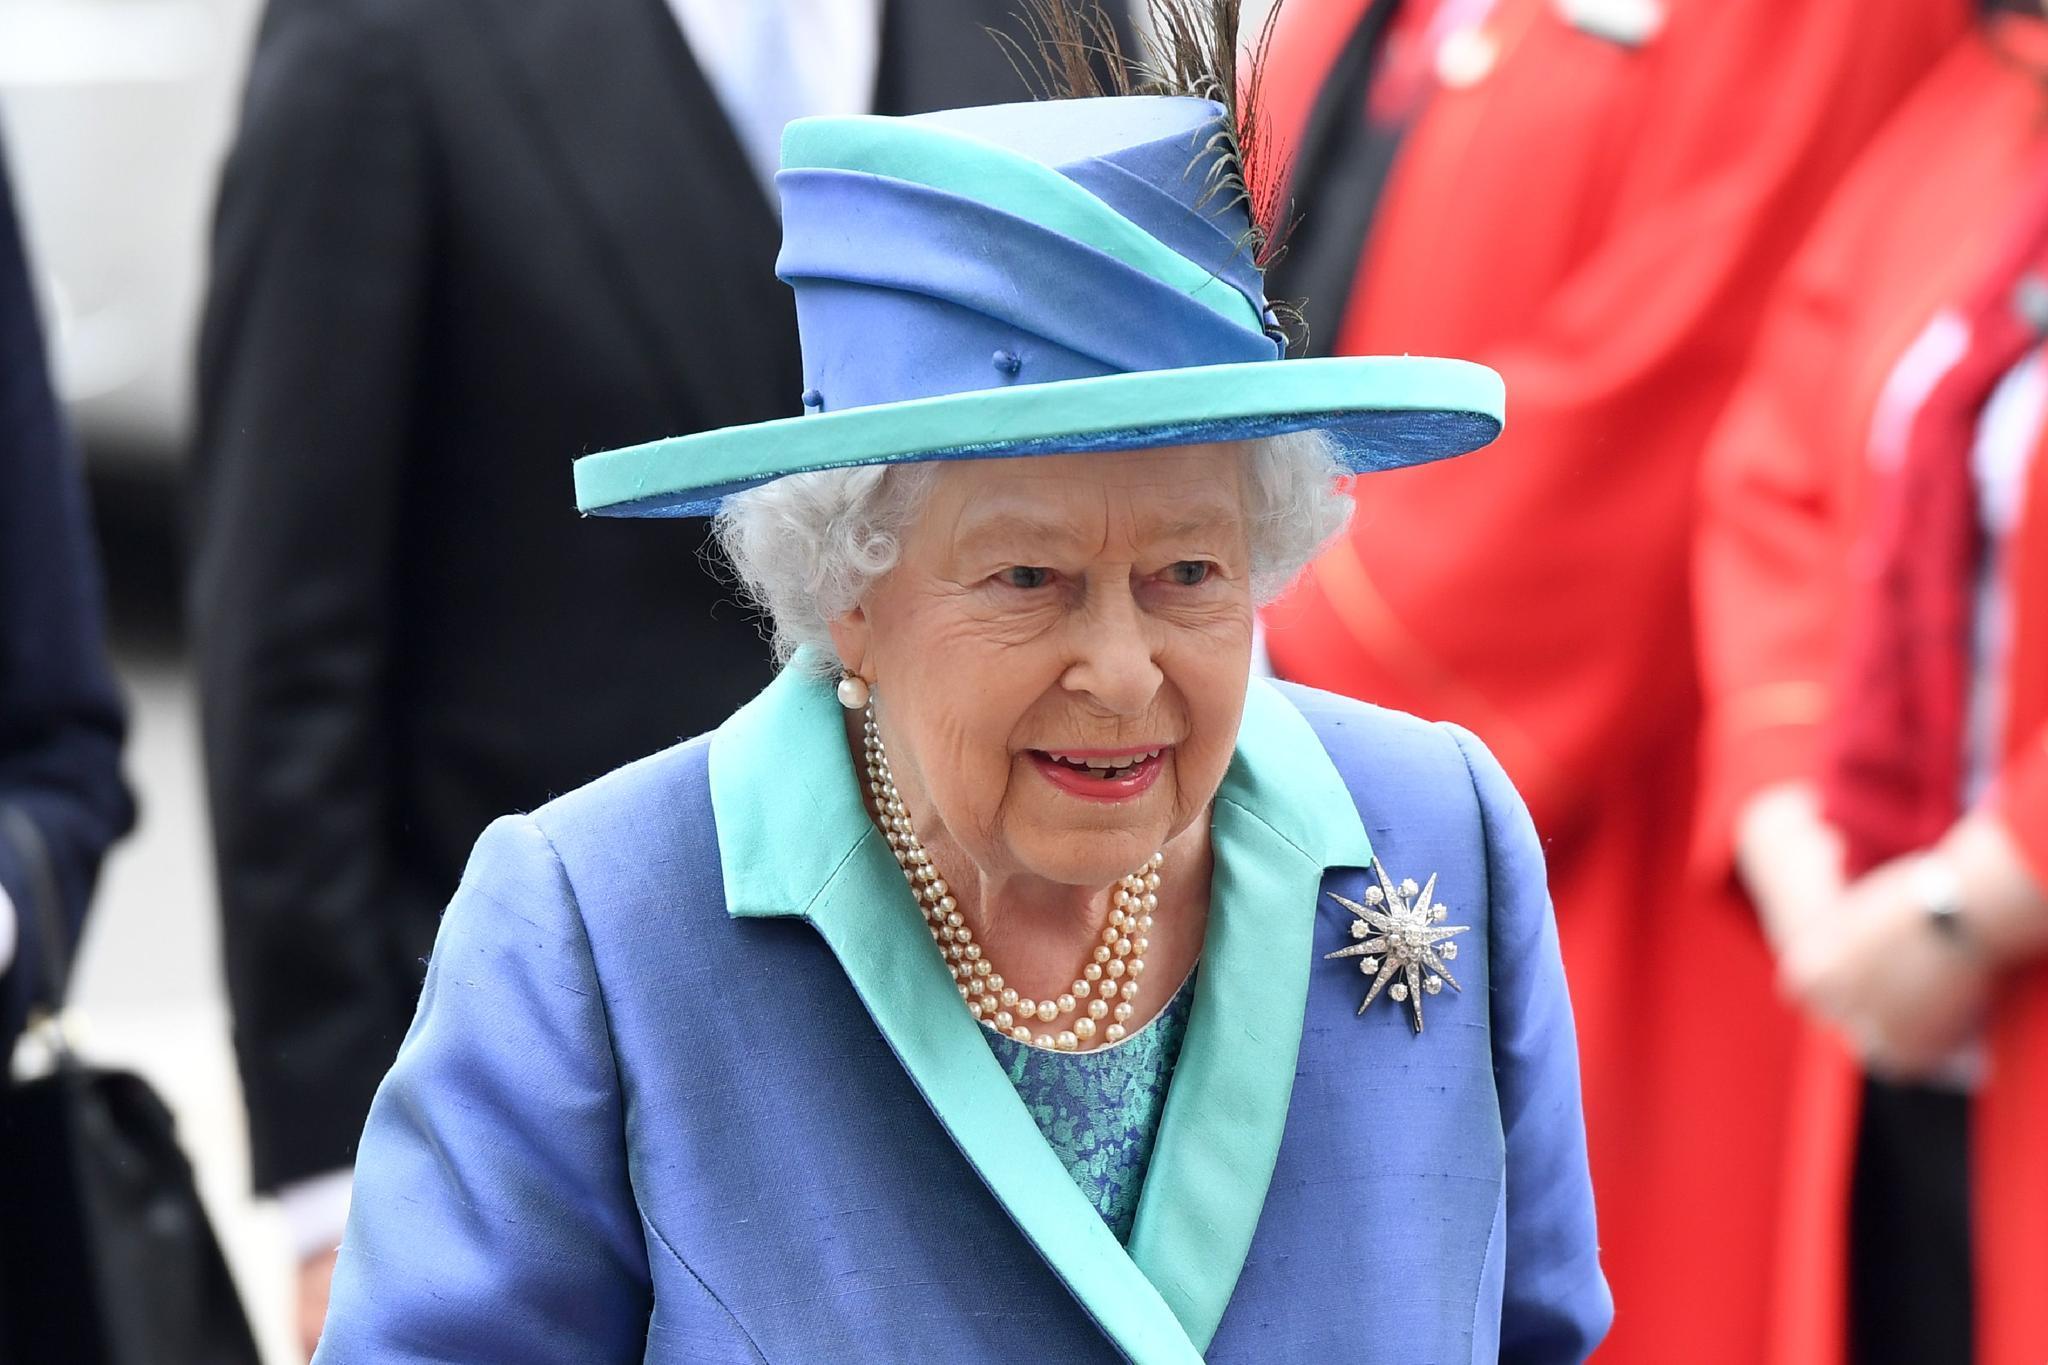 Die RAF-Brosche der Queen ist sternförmig und mit Steinen besetzt